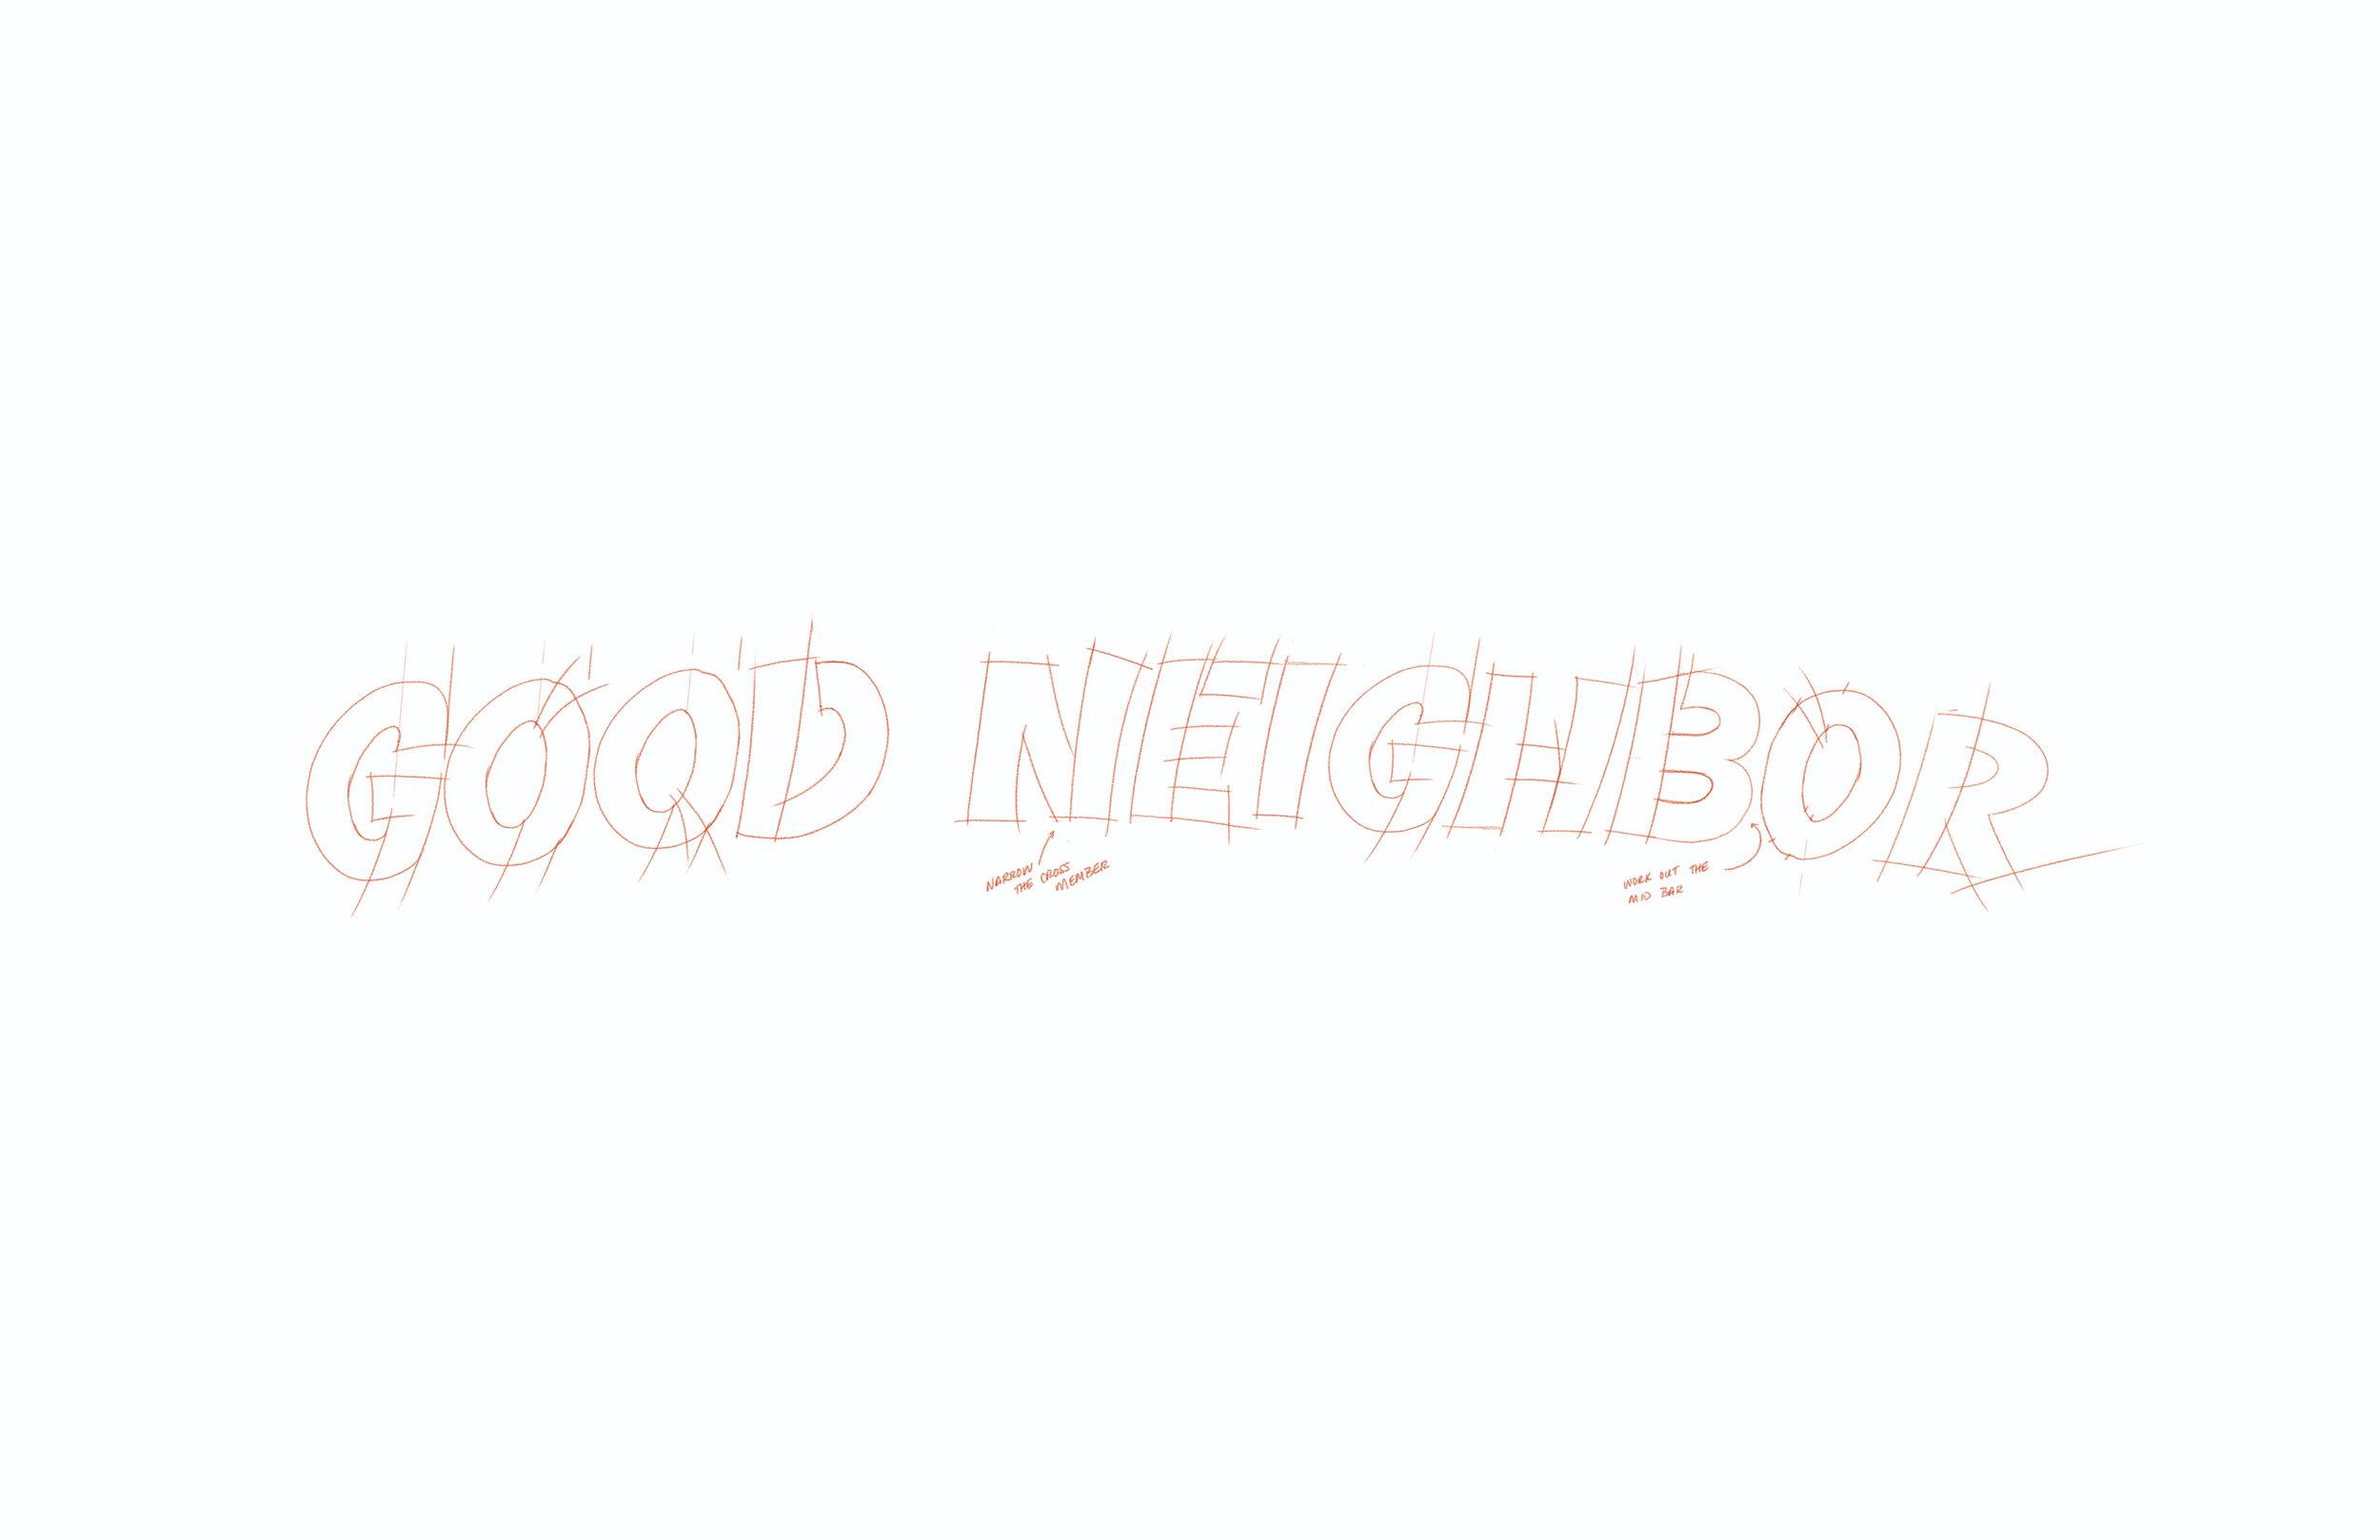 GoodNeighbor_Sketch001.jpg